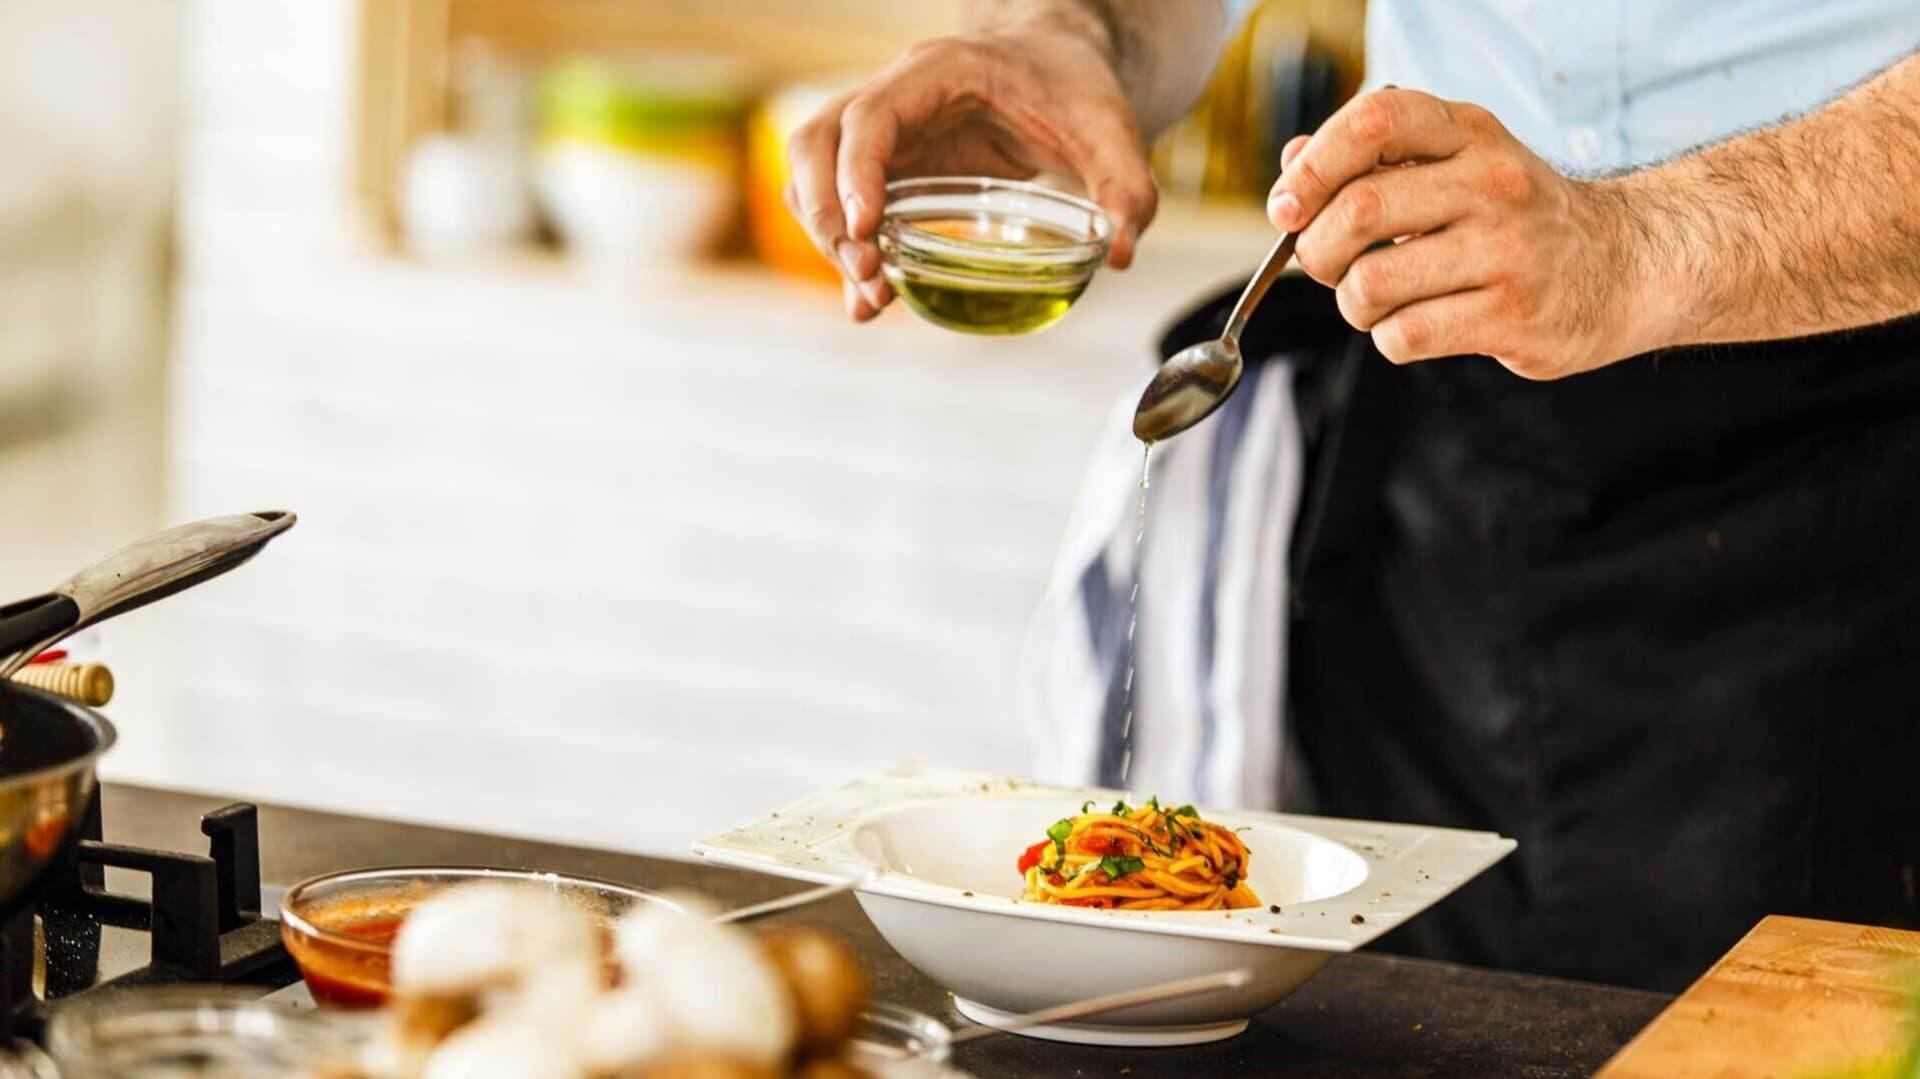 Eine Person würzt Essen mit Würzöl.